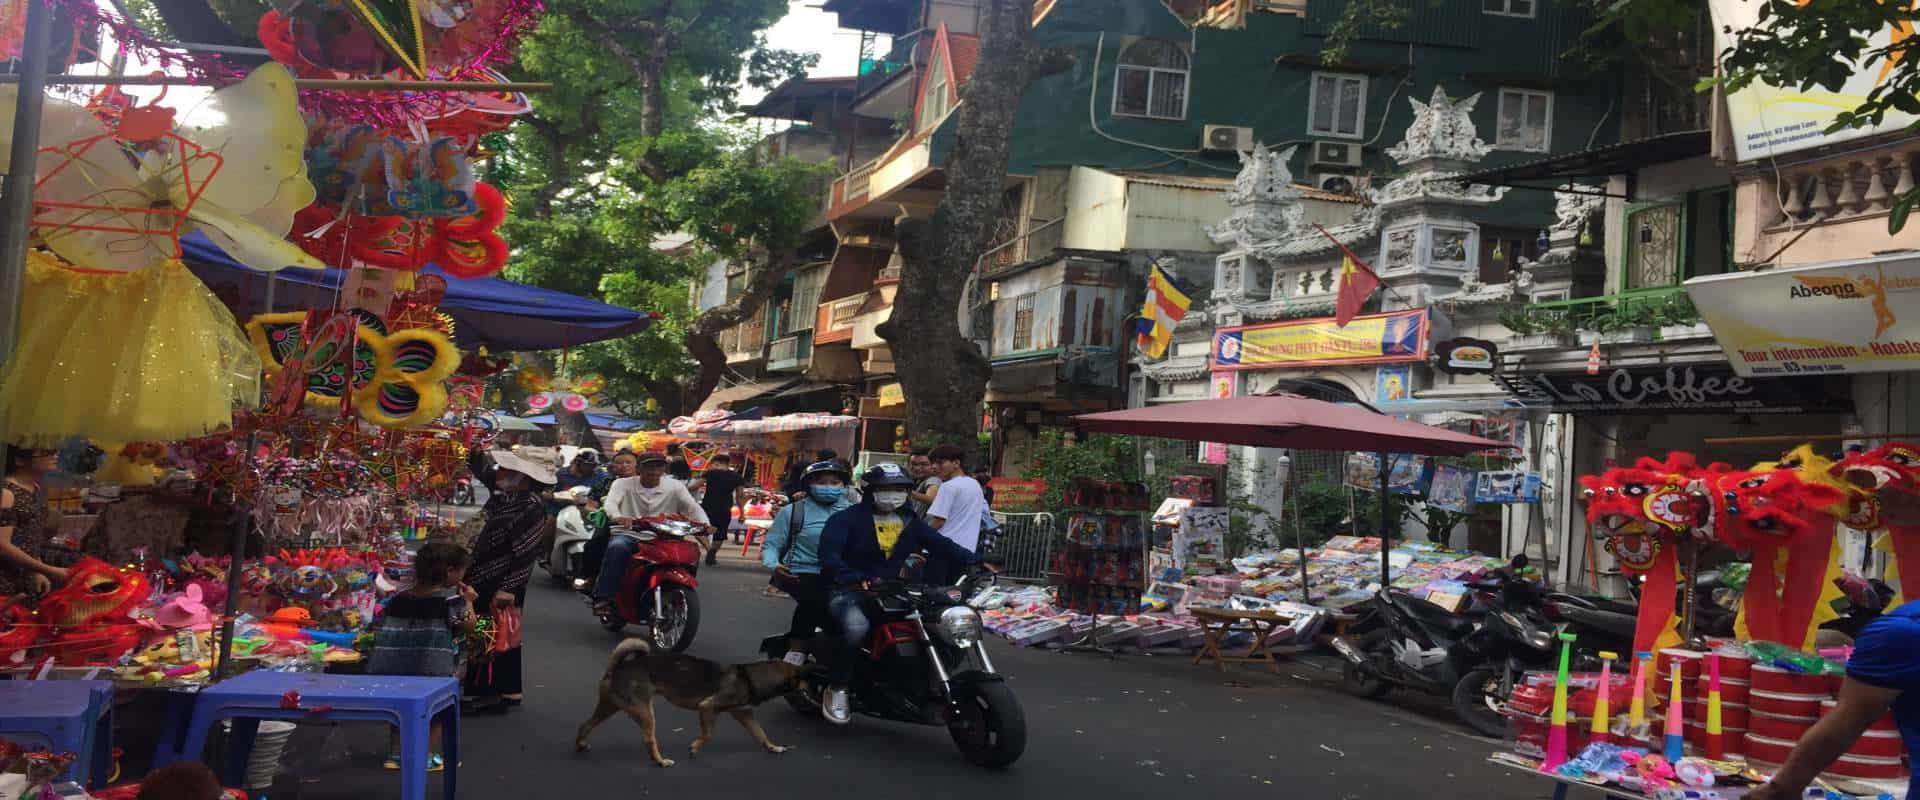 Le vieux quartier d'Hanoi